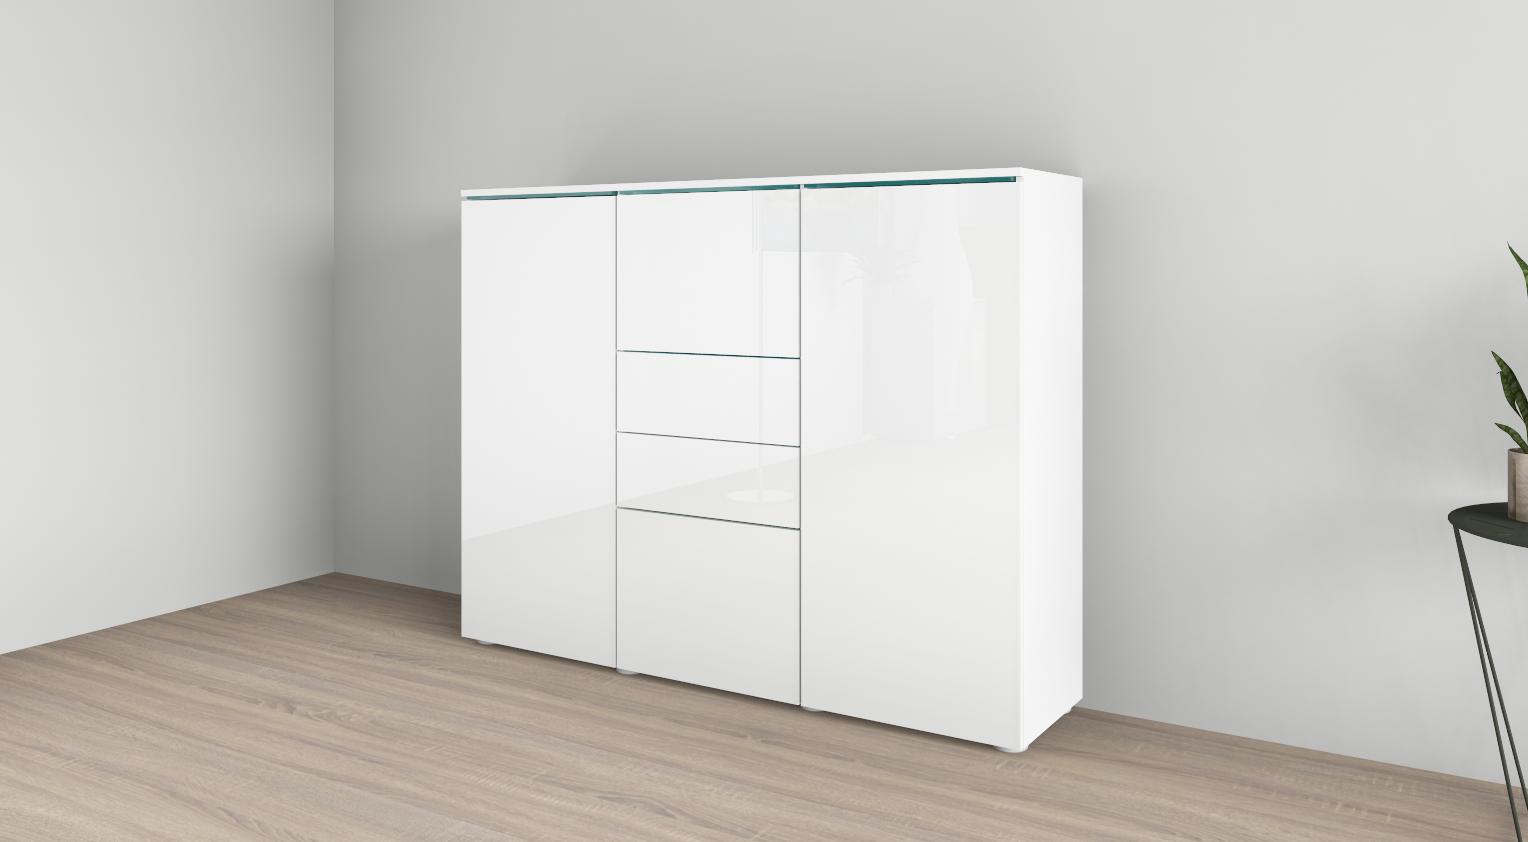 kommode anrichte el paso sideboard schrank flur wohnzimmer wei hochglanz ebay. Black Bedroom Furniture Sets. Home Design Ideas